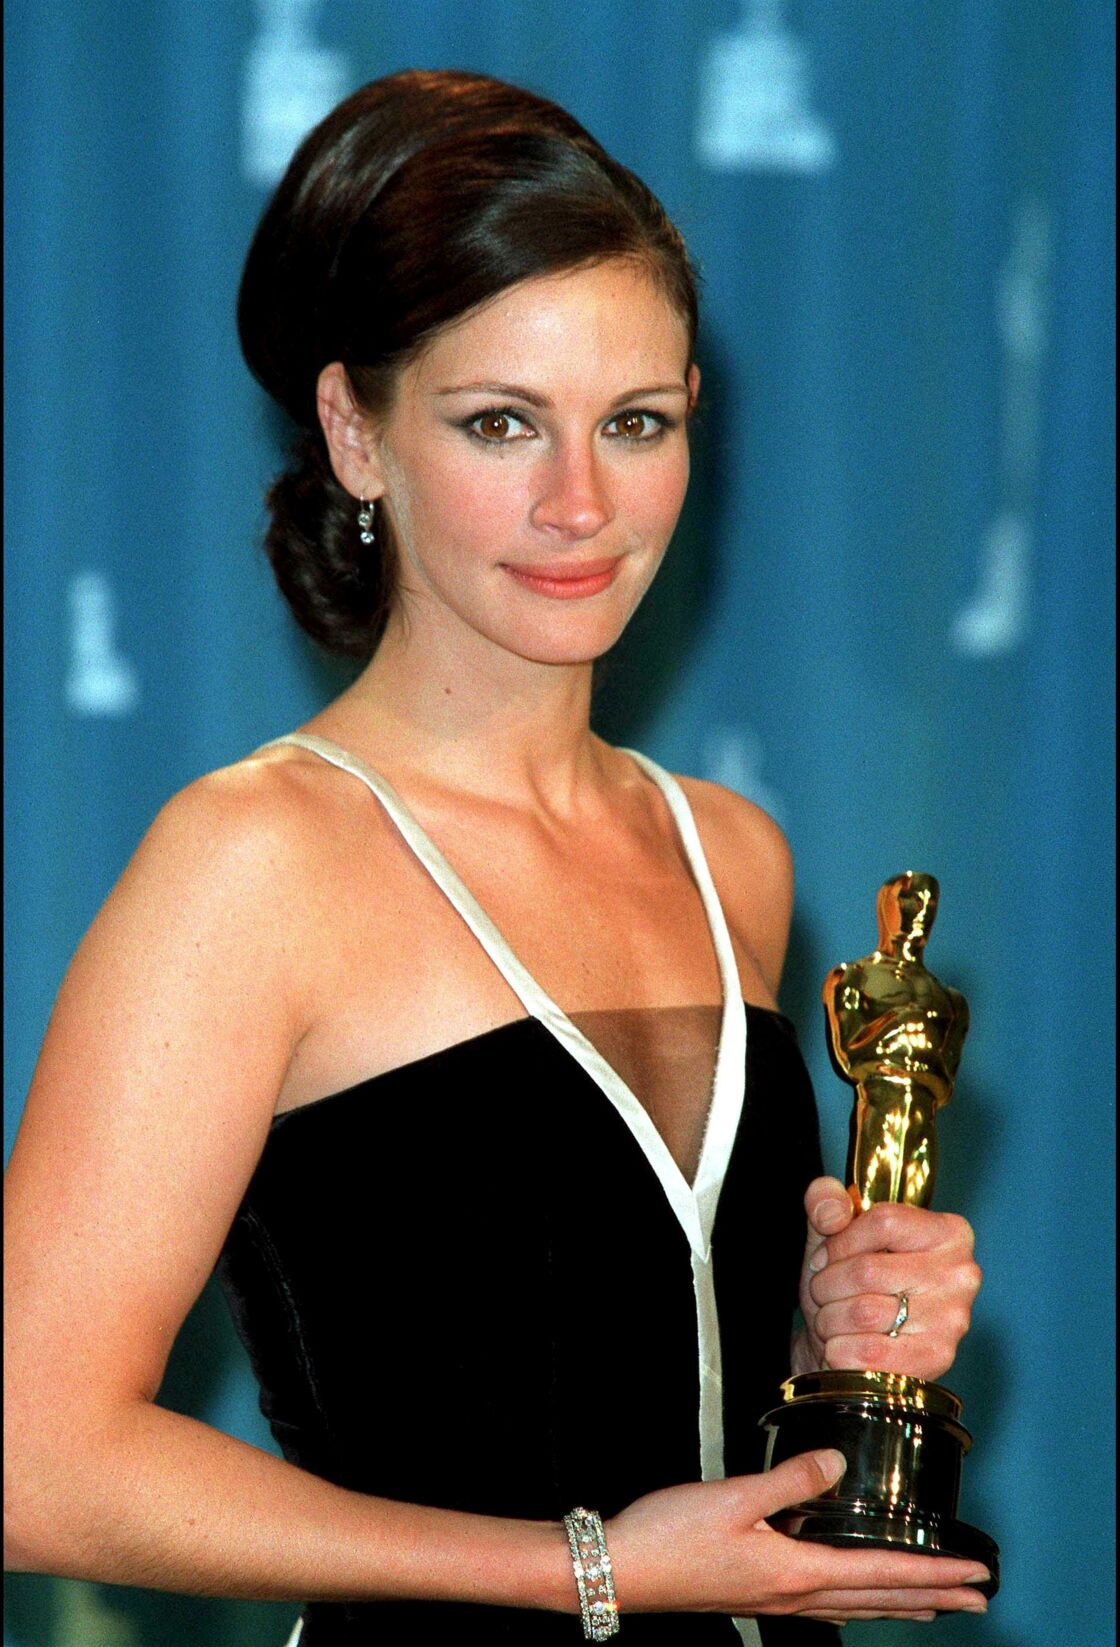 Julia Roberts, brune aux cheveux lisses en 2001 lors des Oscars